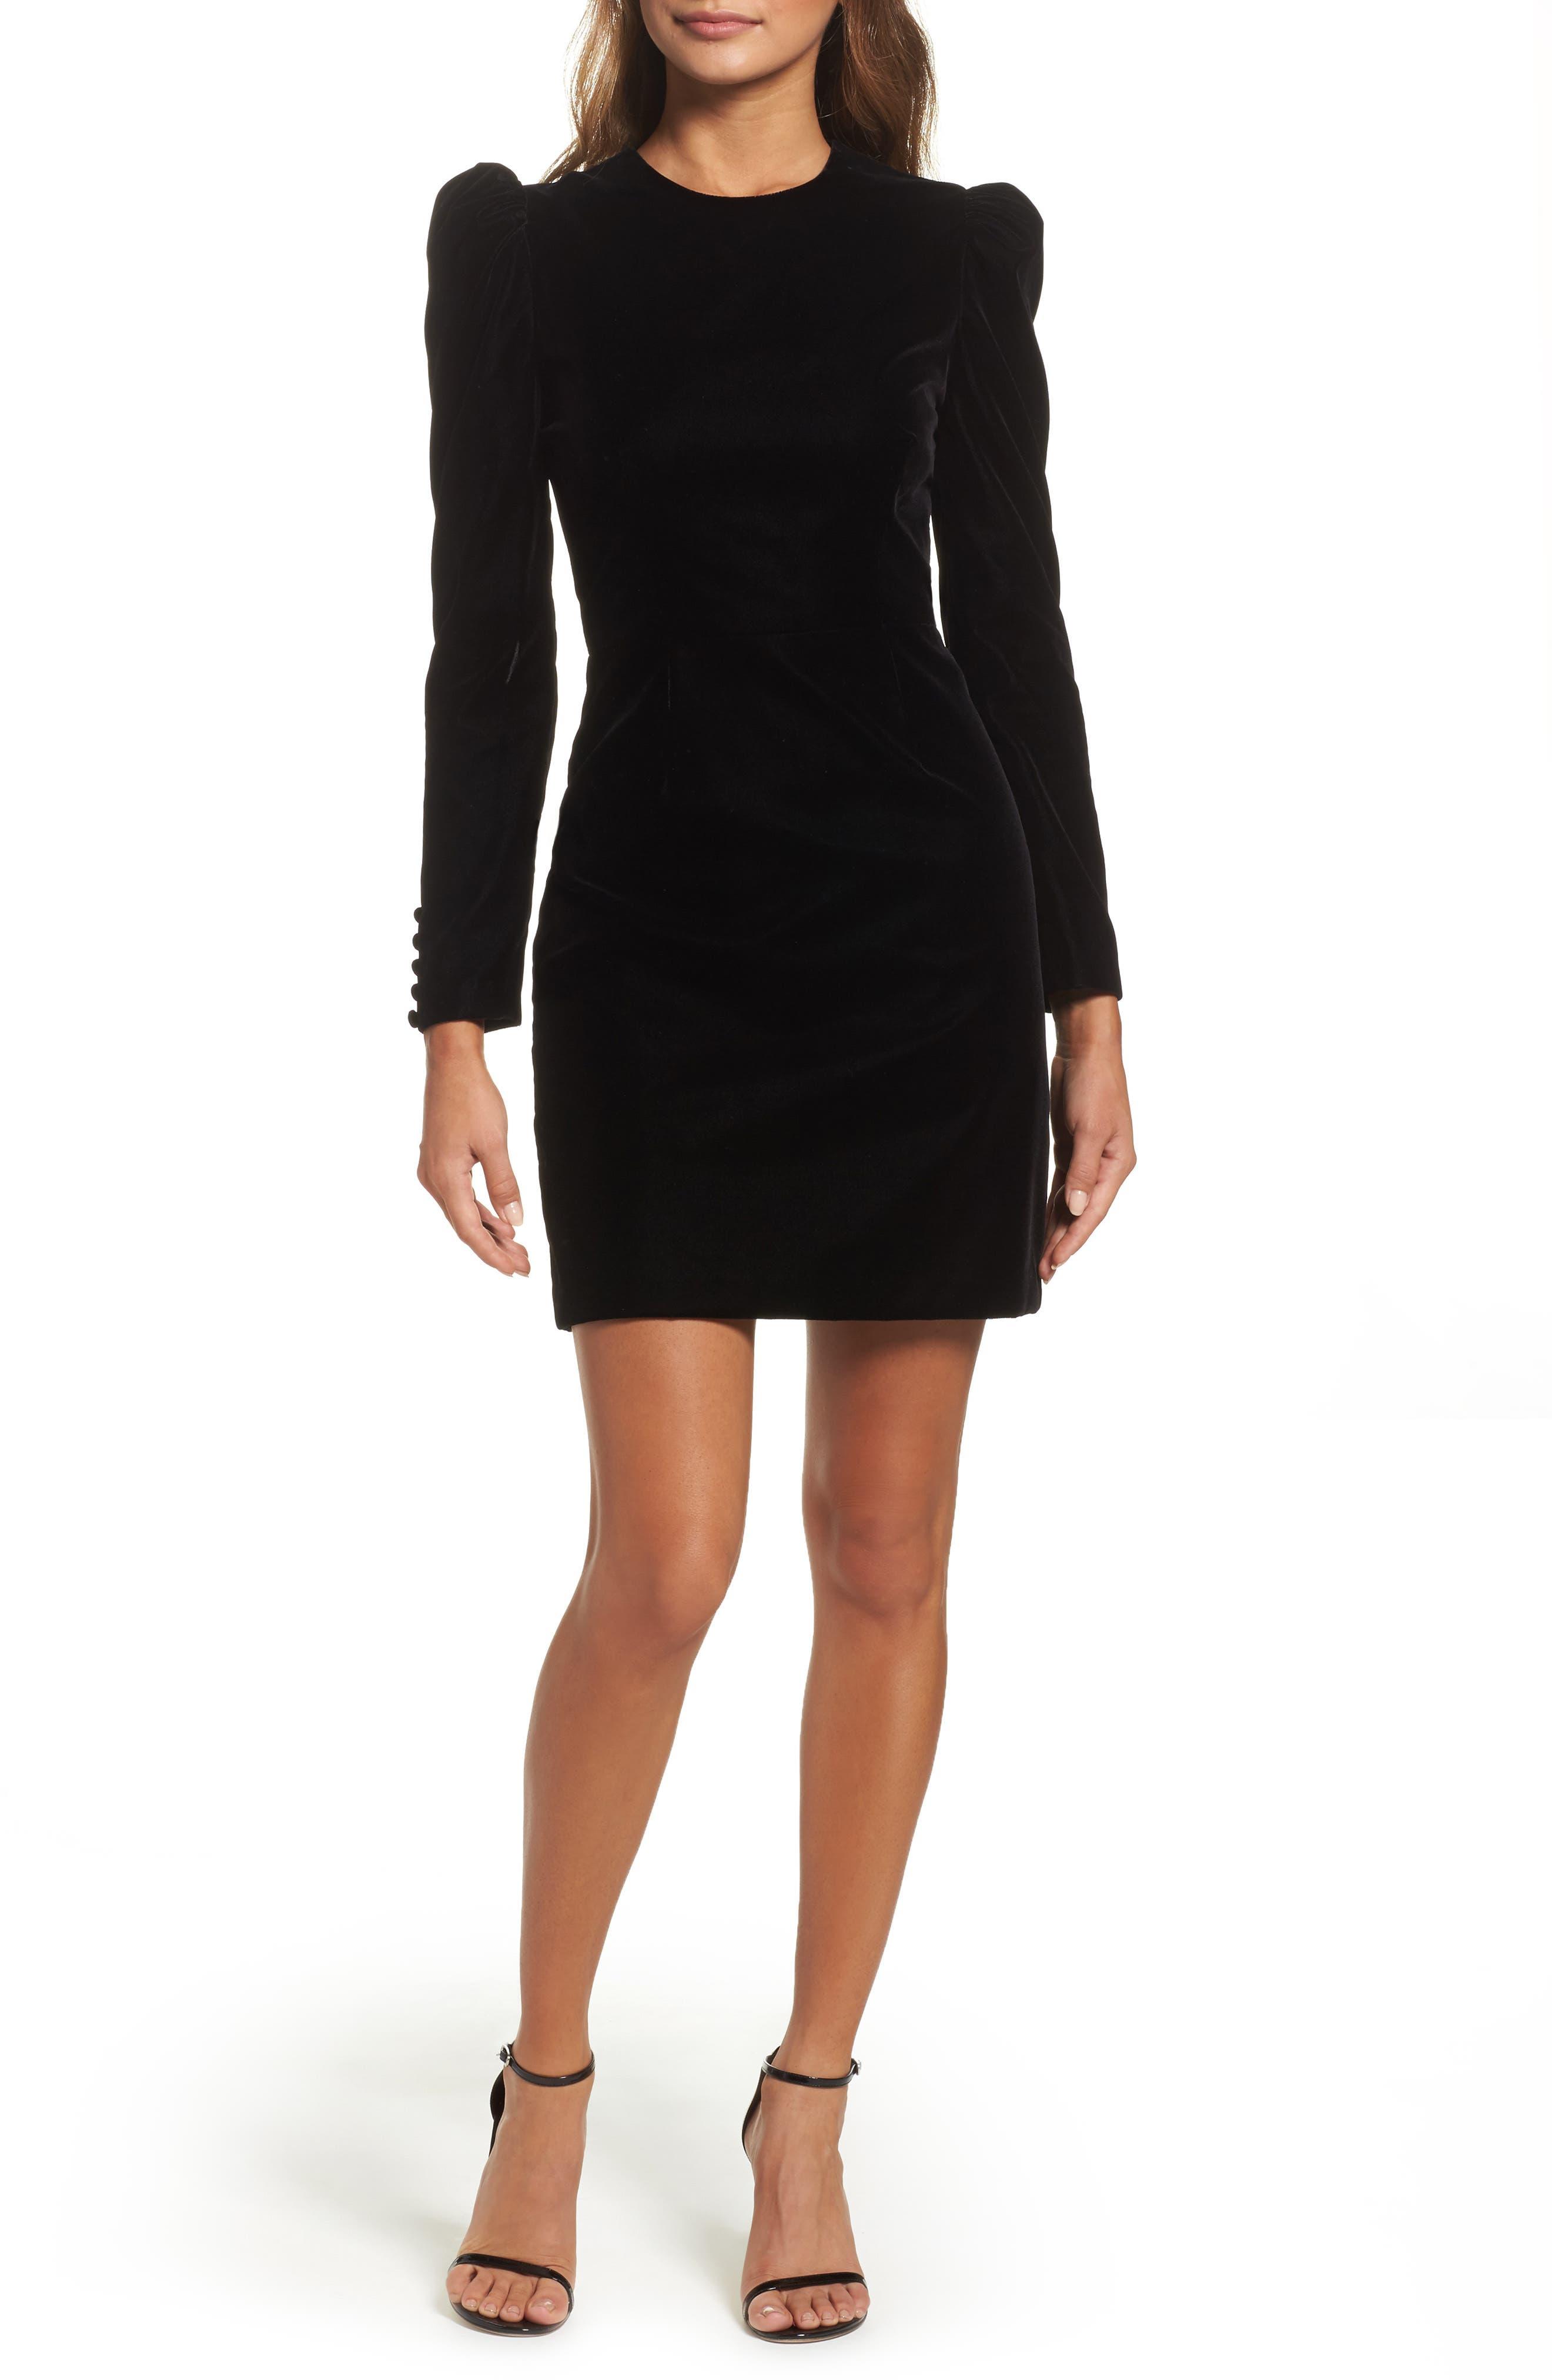 Jill Jill Stuart Velvet Minidress